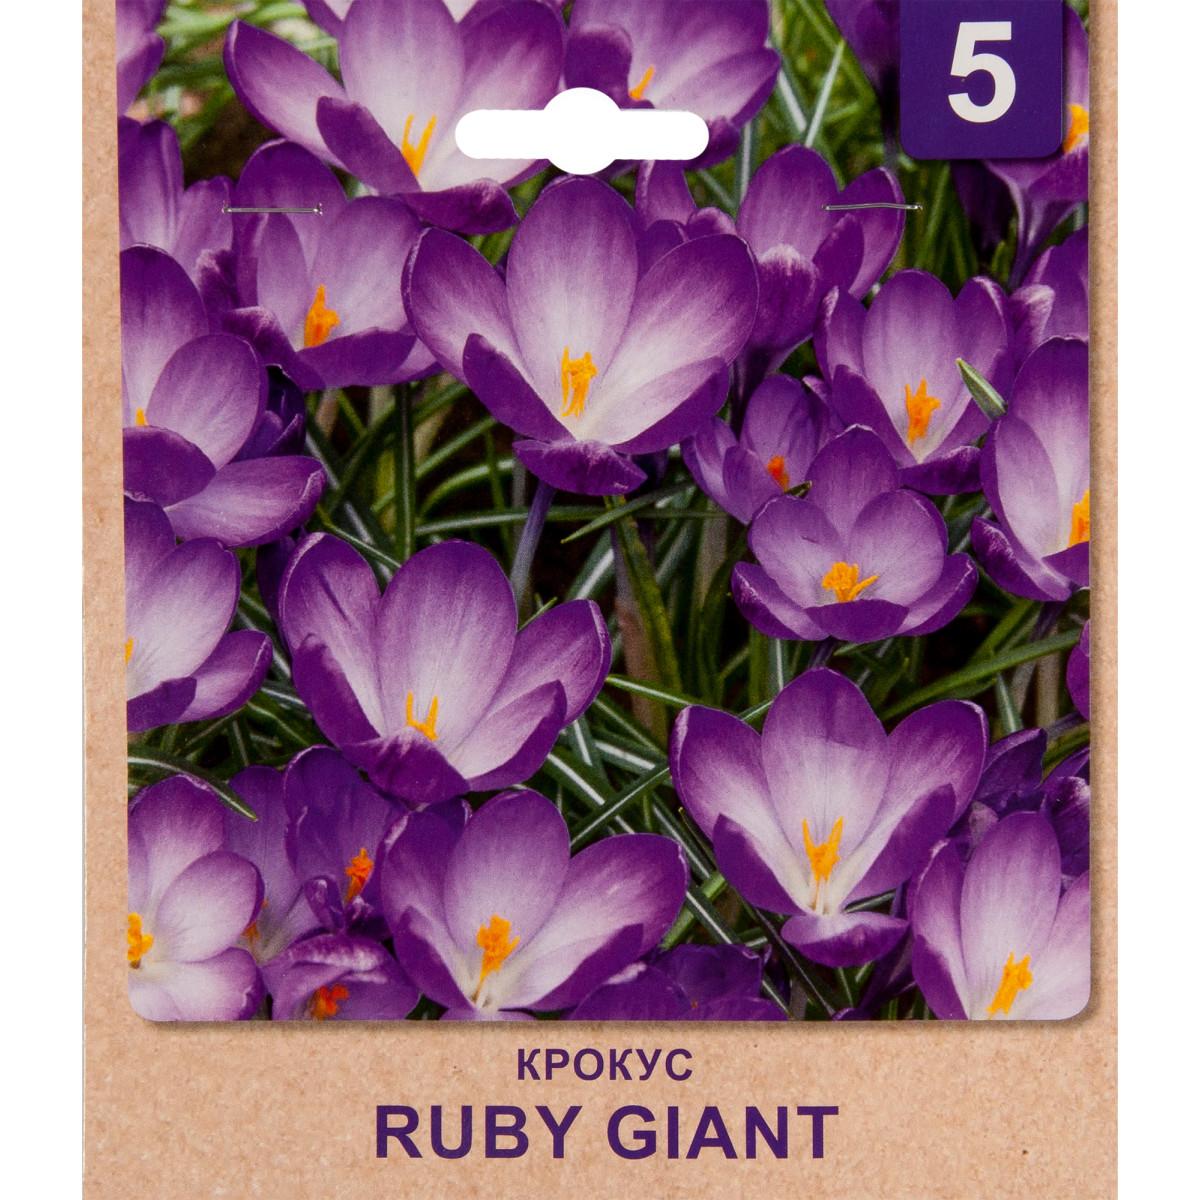 Крокус Ruby Giant Размер Луковицы 5/7 5